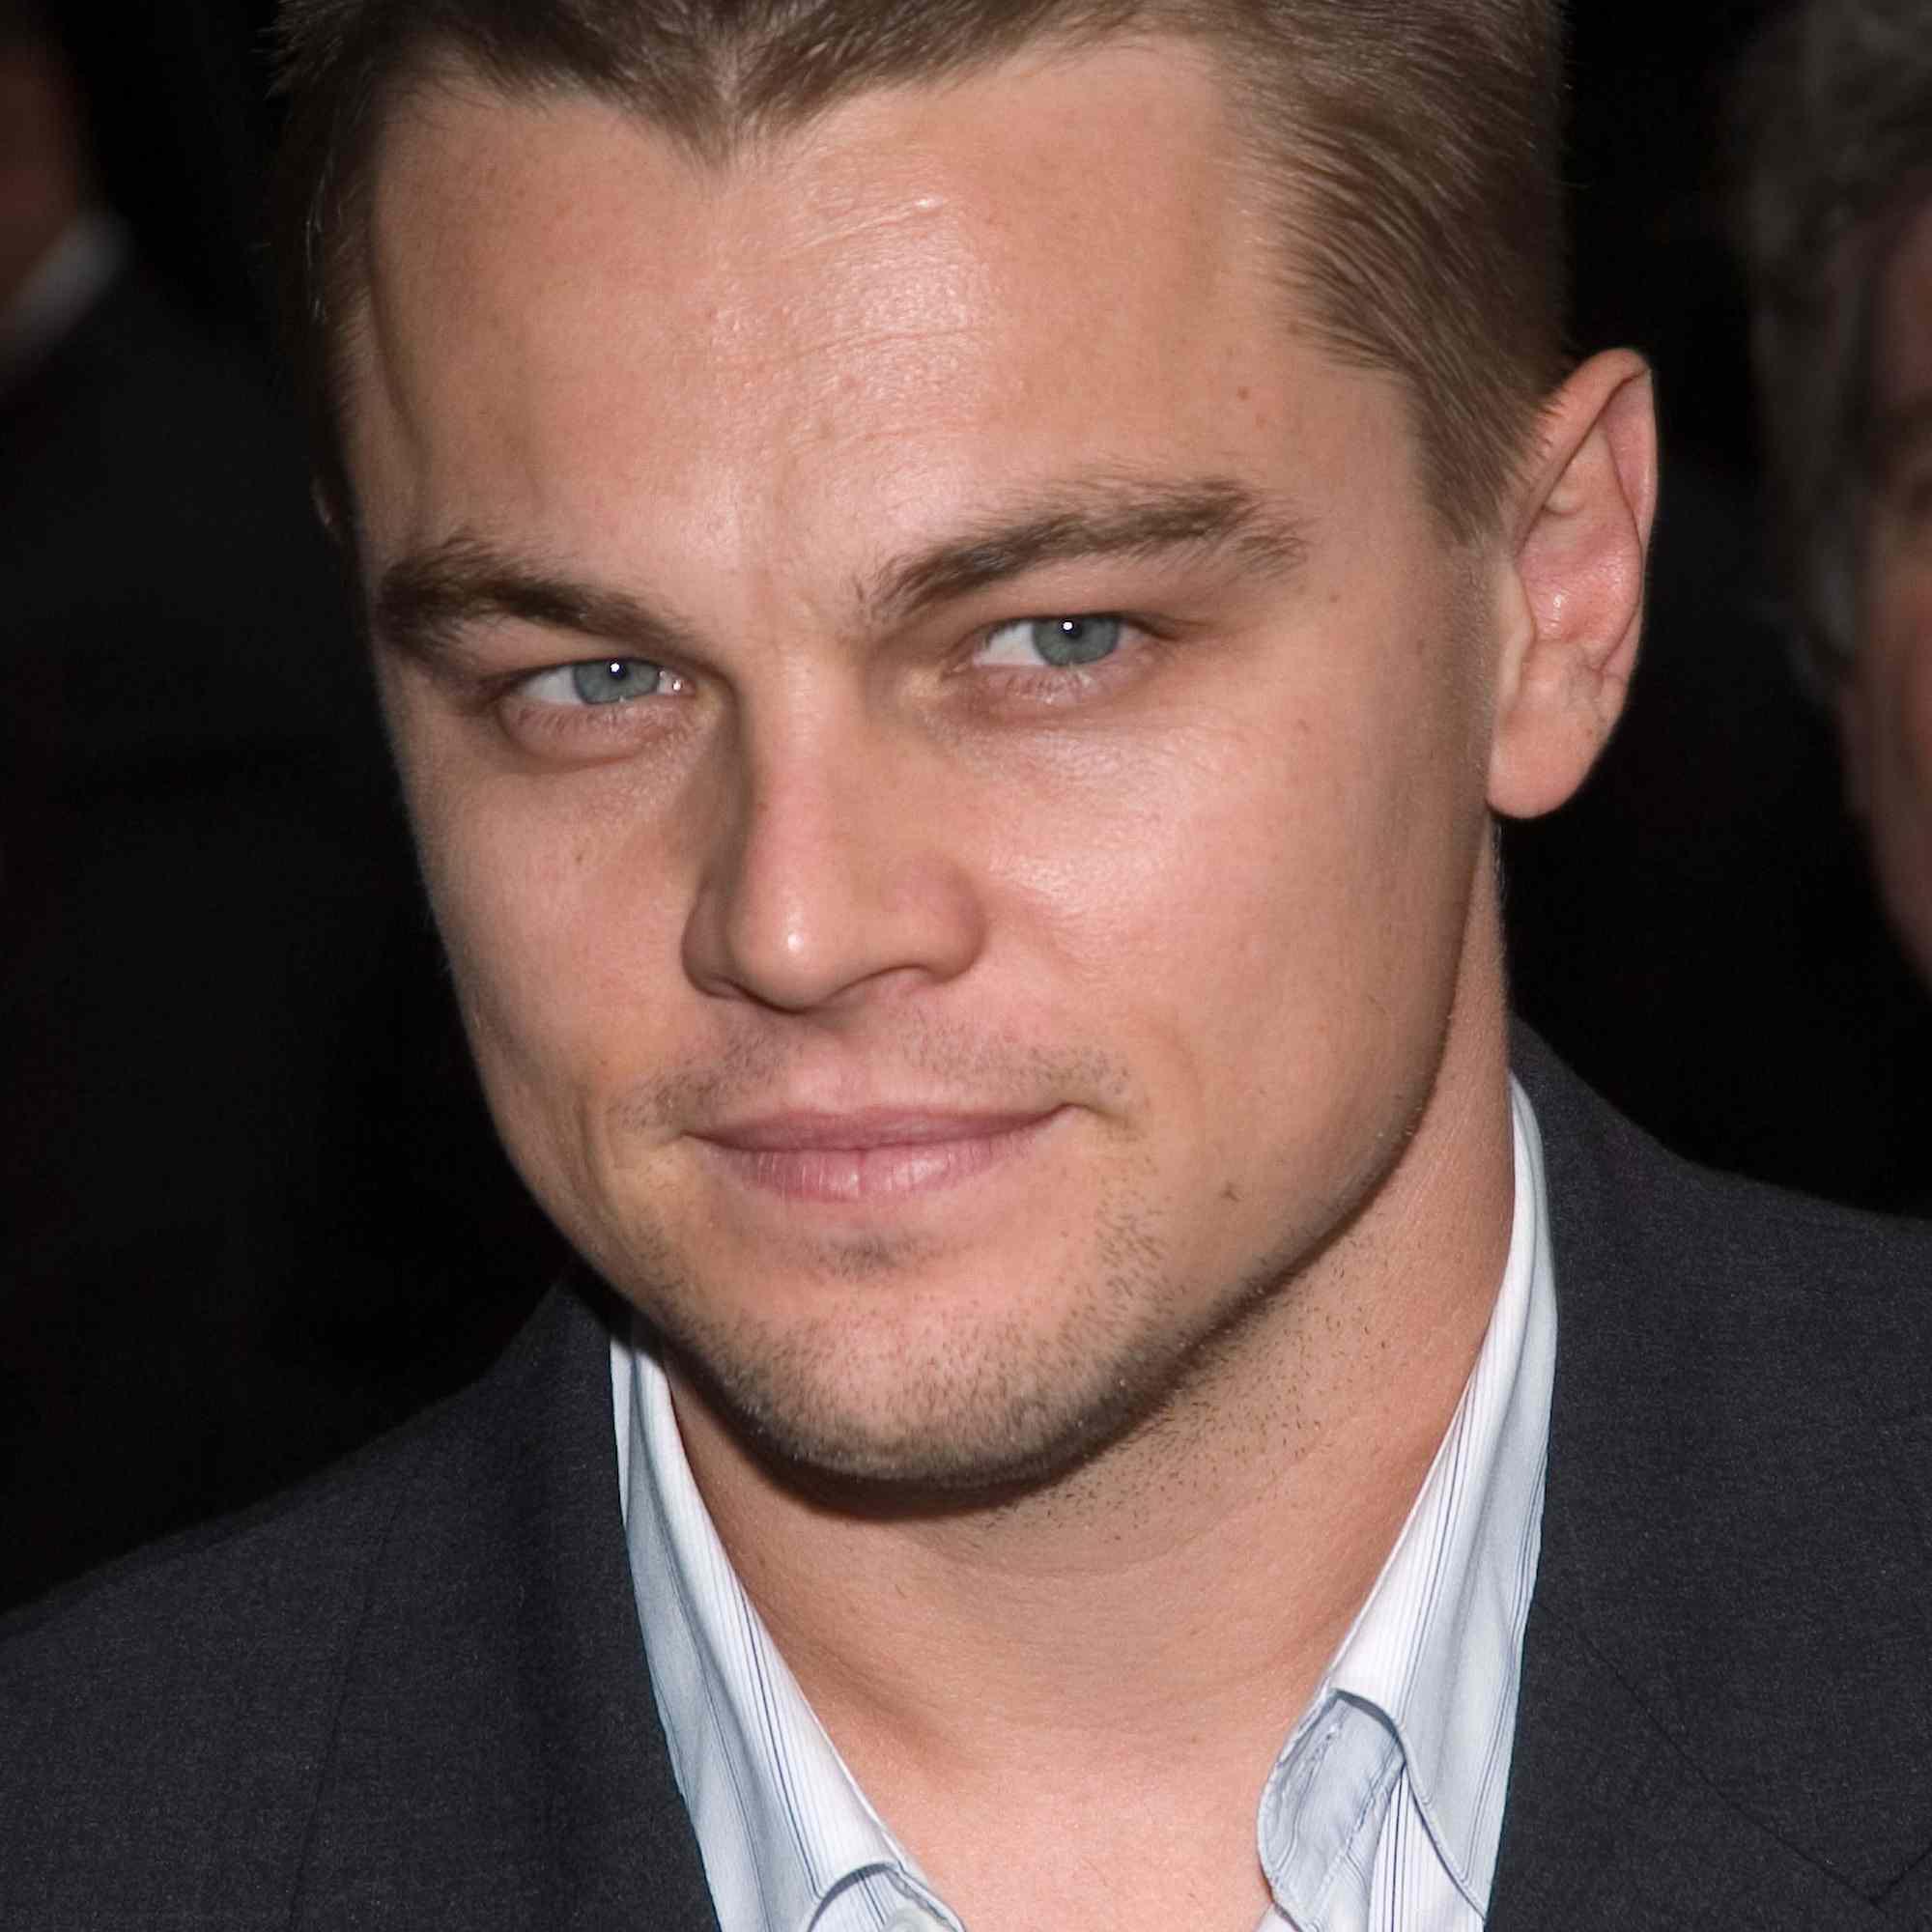 Leonardo DiCaprio Hair 2005